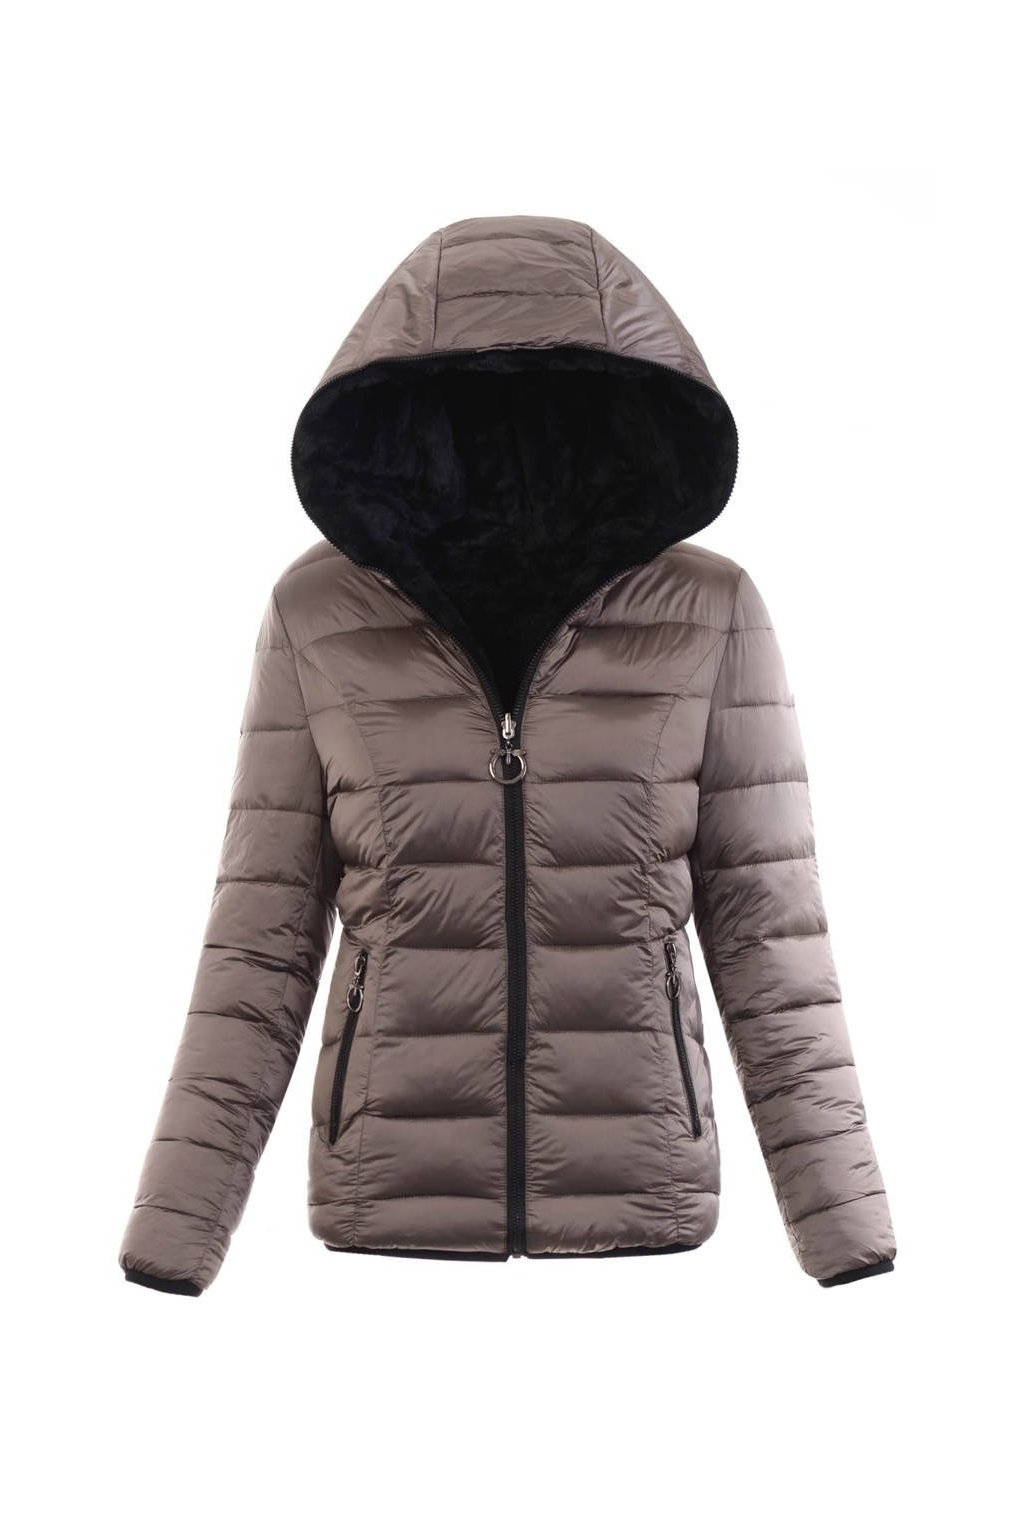 Dámska zimná bunda s kapucňou 6007 kávová